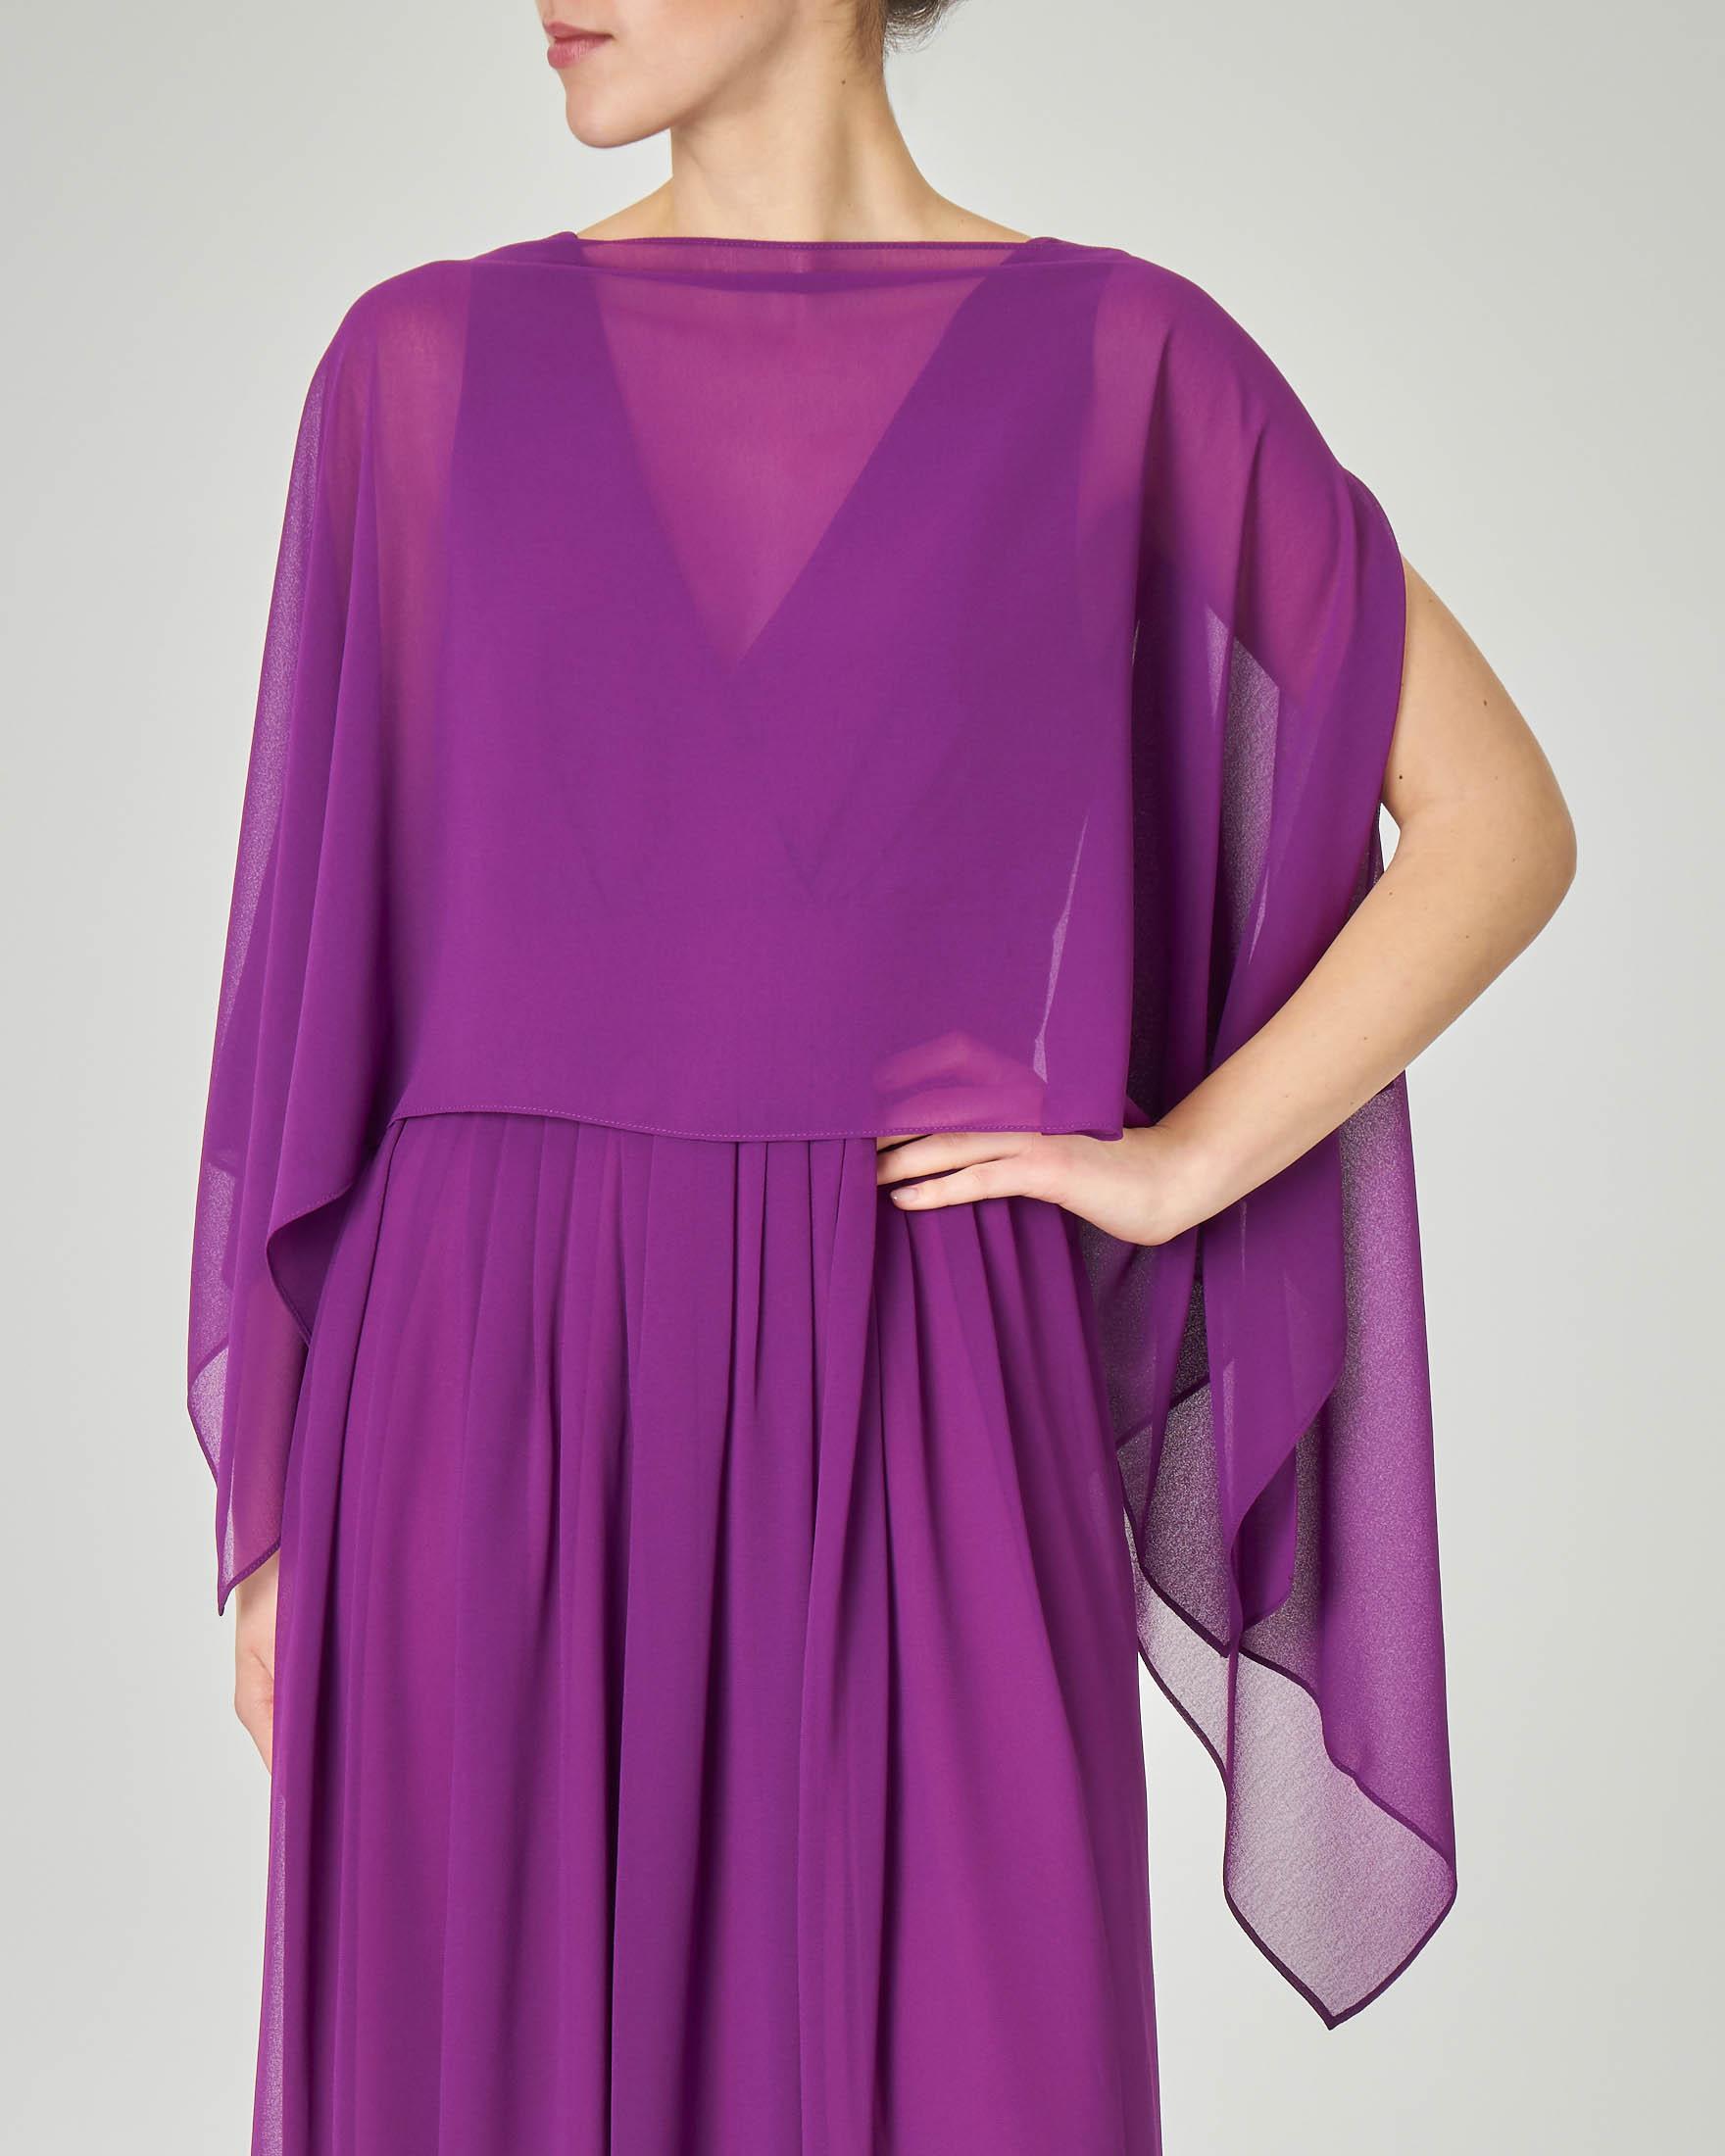 Stola colore viola in georgette con scollo a barchetta